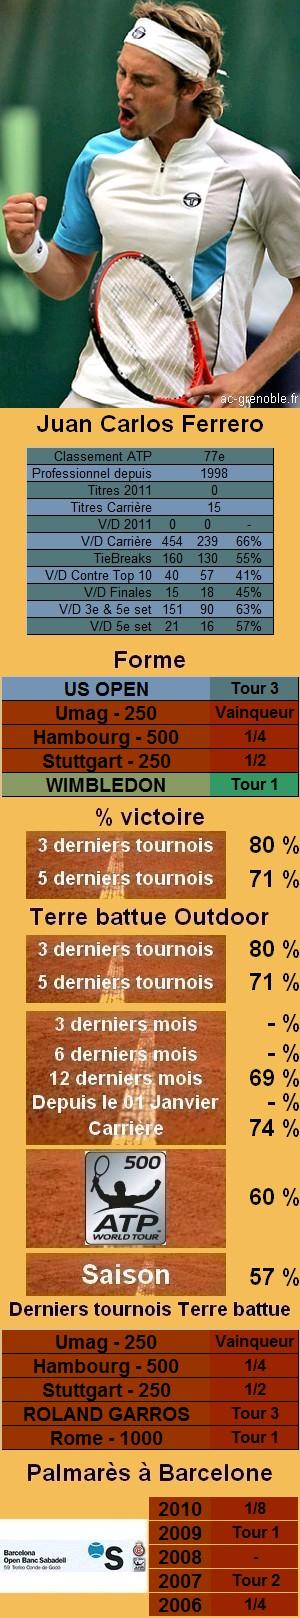 Les statistiques tennis de Juan Carlos Ferrero pour le tournoi de Barcelone